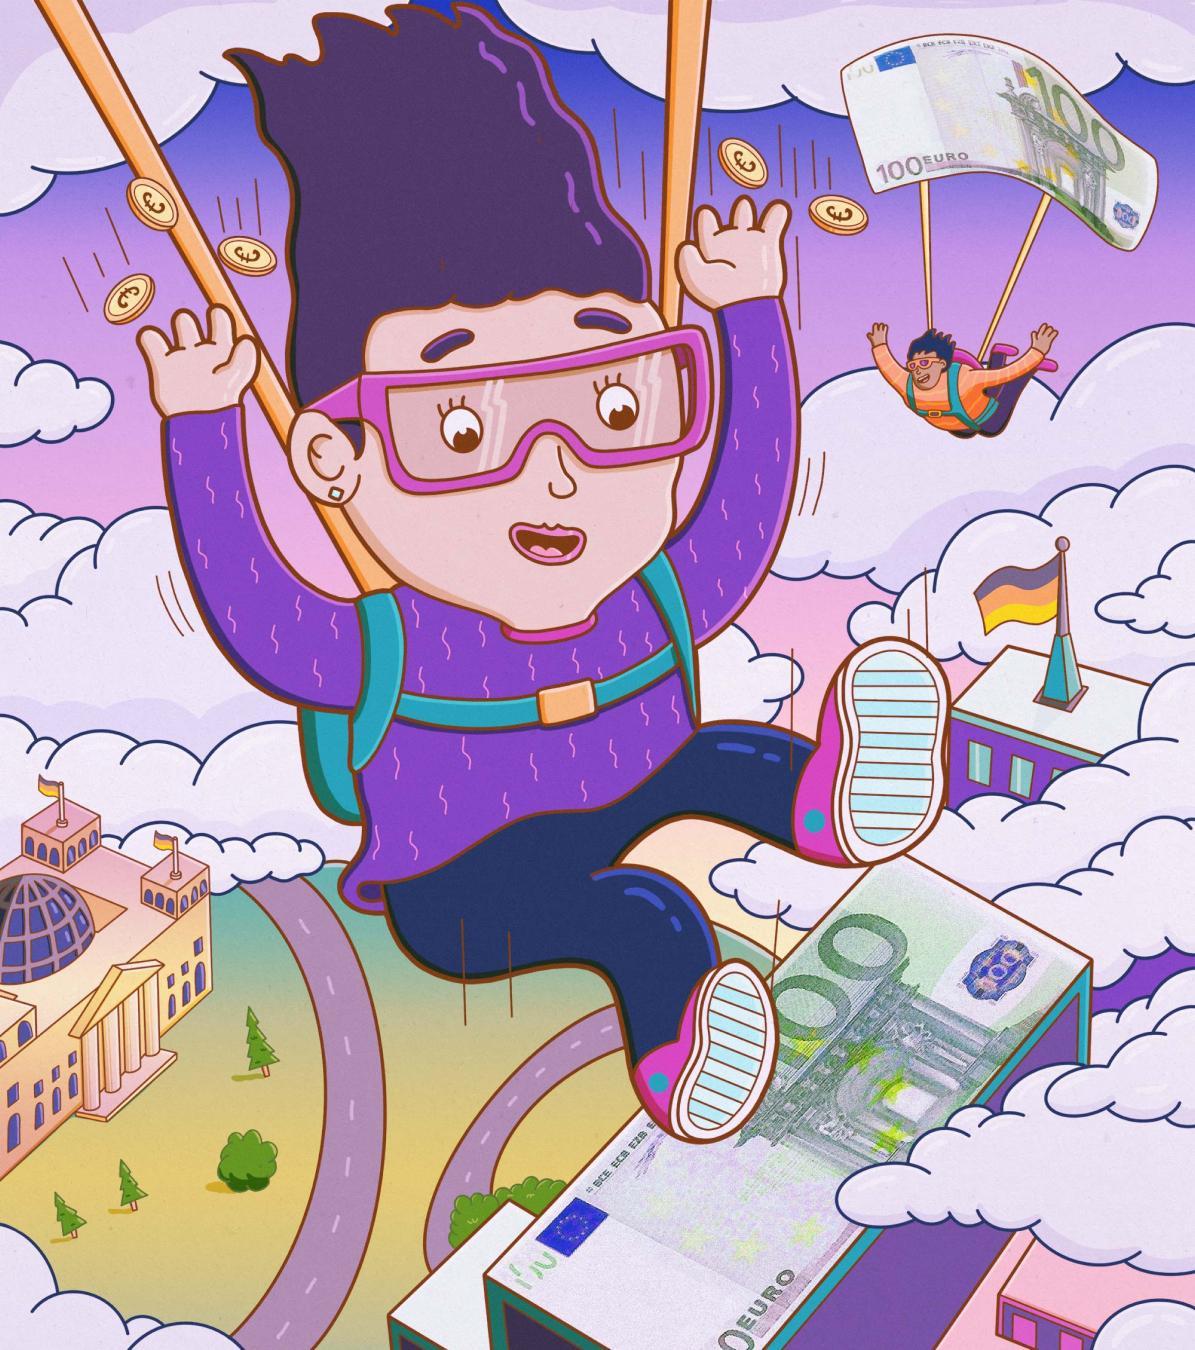 Grundeinkommen: Zwei Menschen fliegen mit Fallschirmen aus Geldscheinen durch die Luft